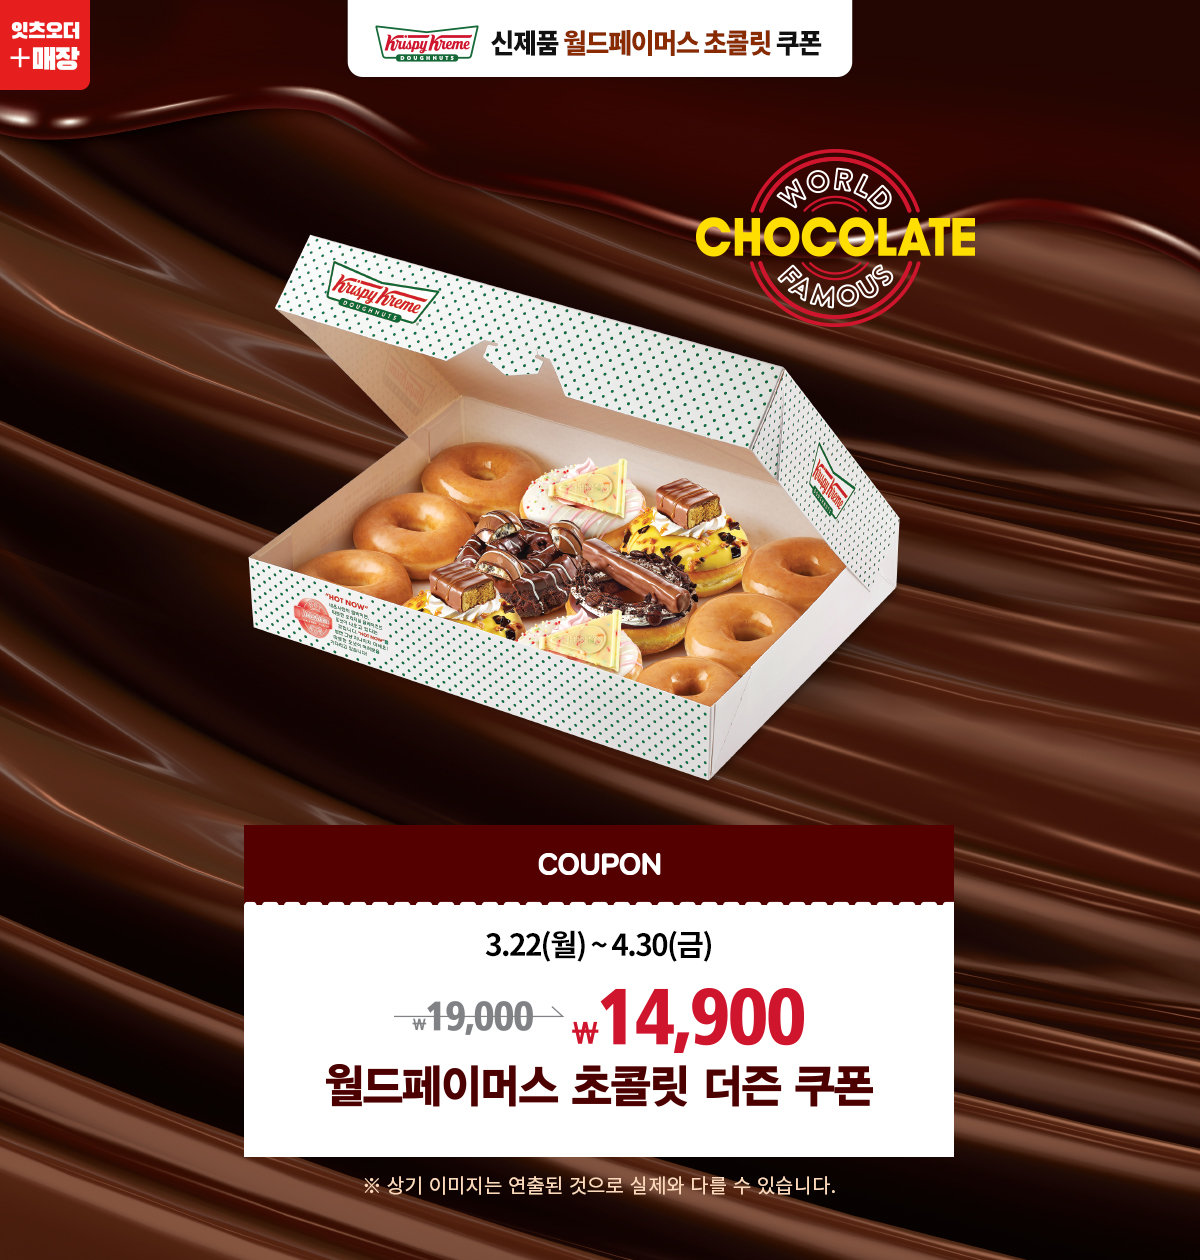 KKD) 월드페이머스 초콜릿 더즌 할인